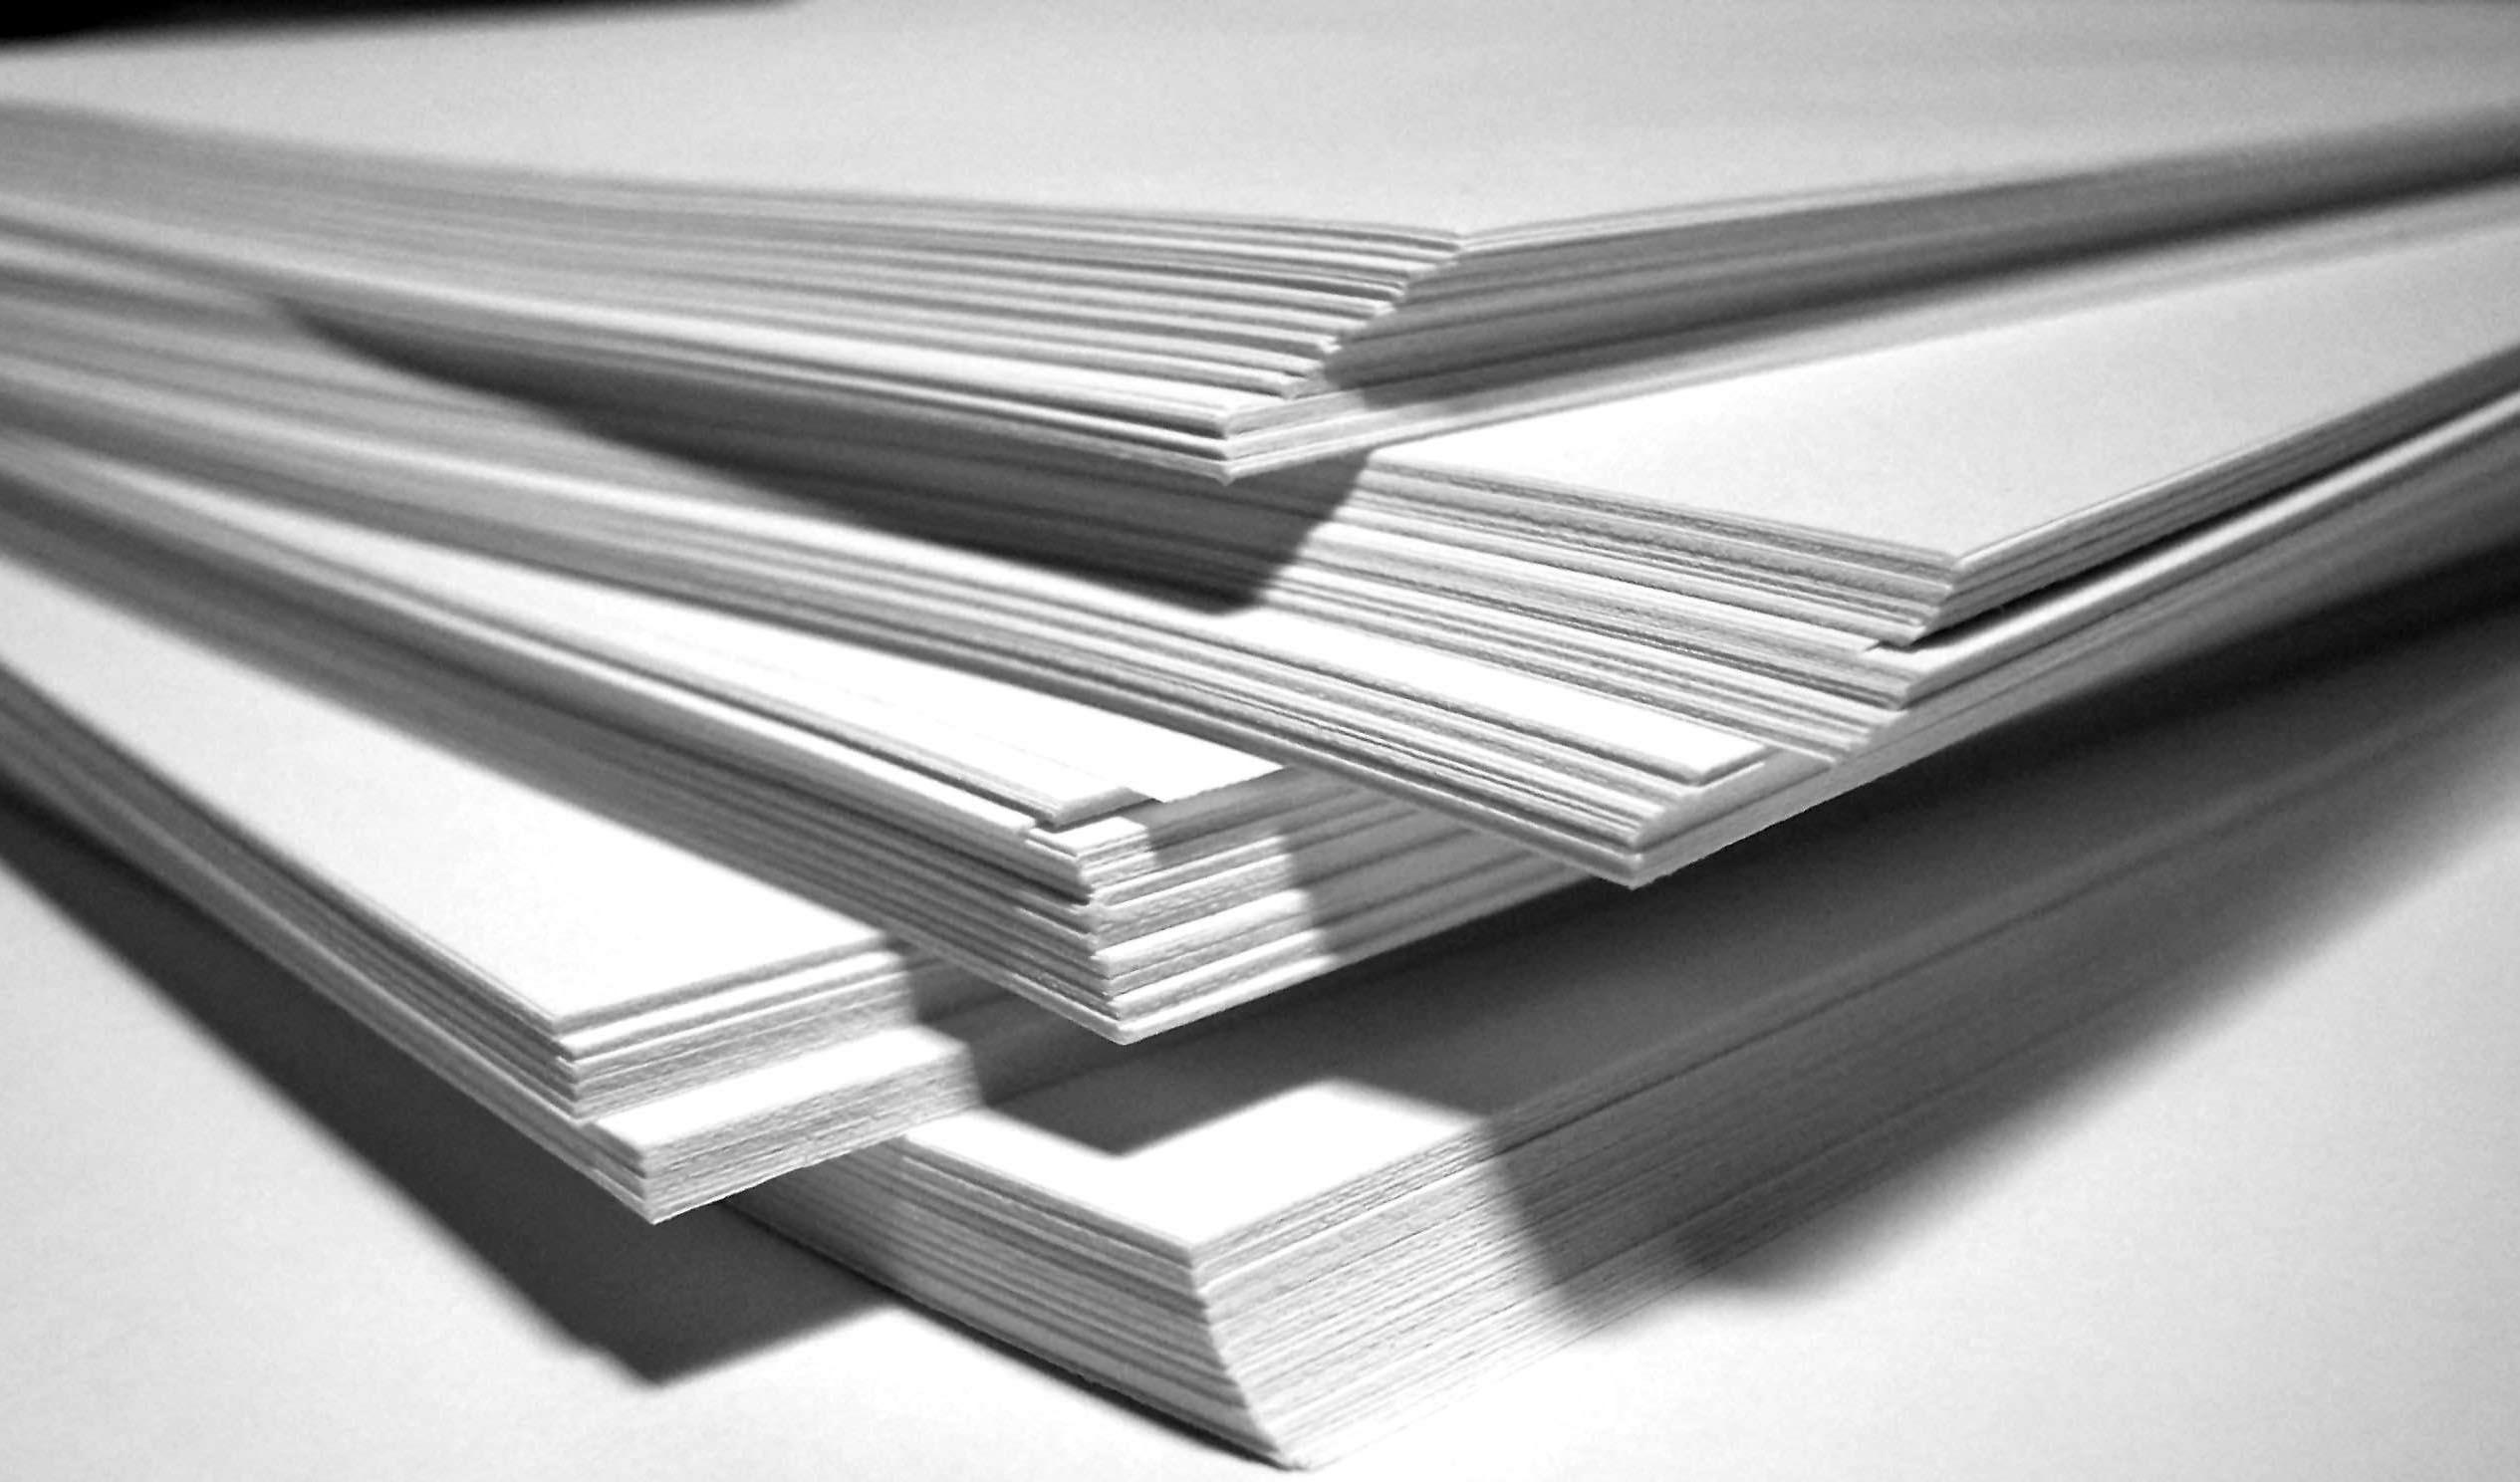 بازار کاغذ مطبوعات بحرانی است